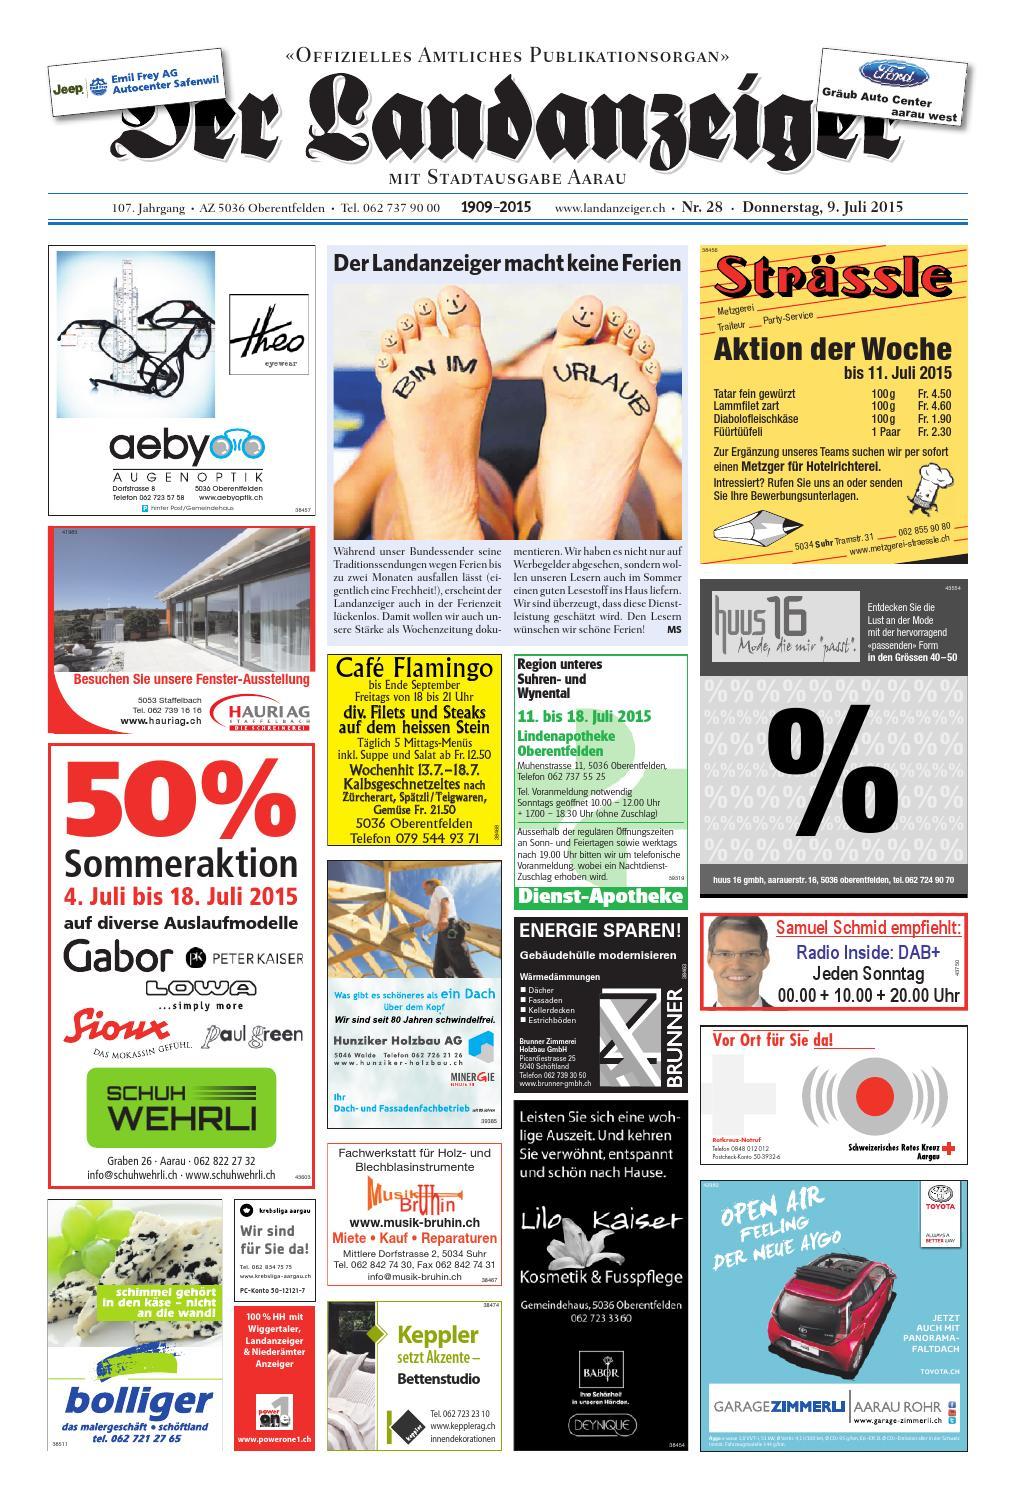 Der Landanzeiger 28/15 By Zt Medien Ag - Issuu